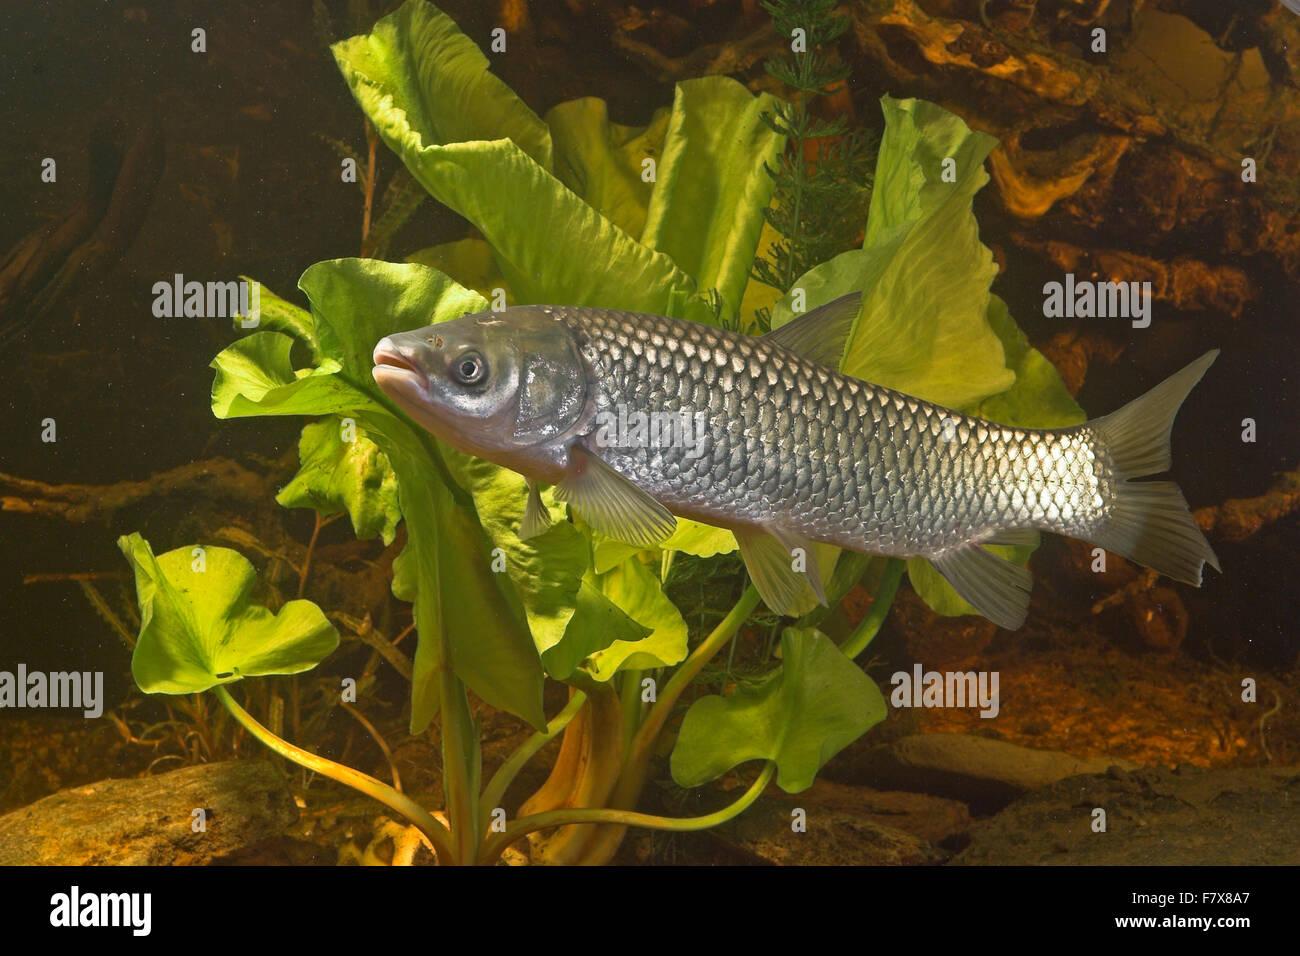 Grass Carp Graskarpfen Grasfisch Gras Karpfen Gras Fisch Weisser